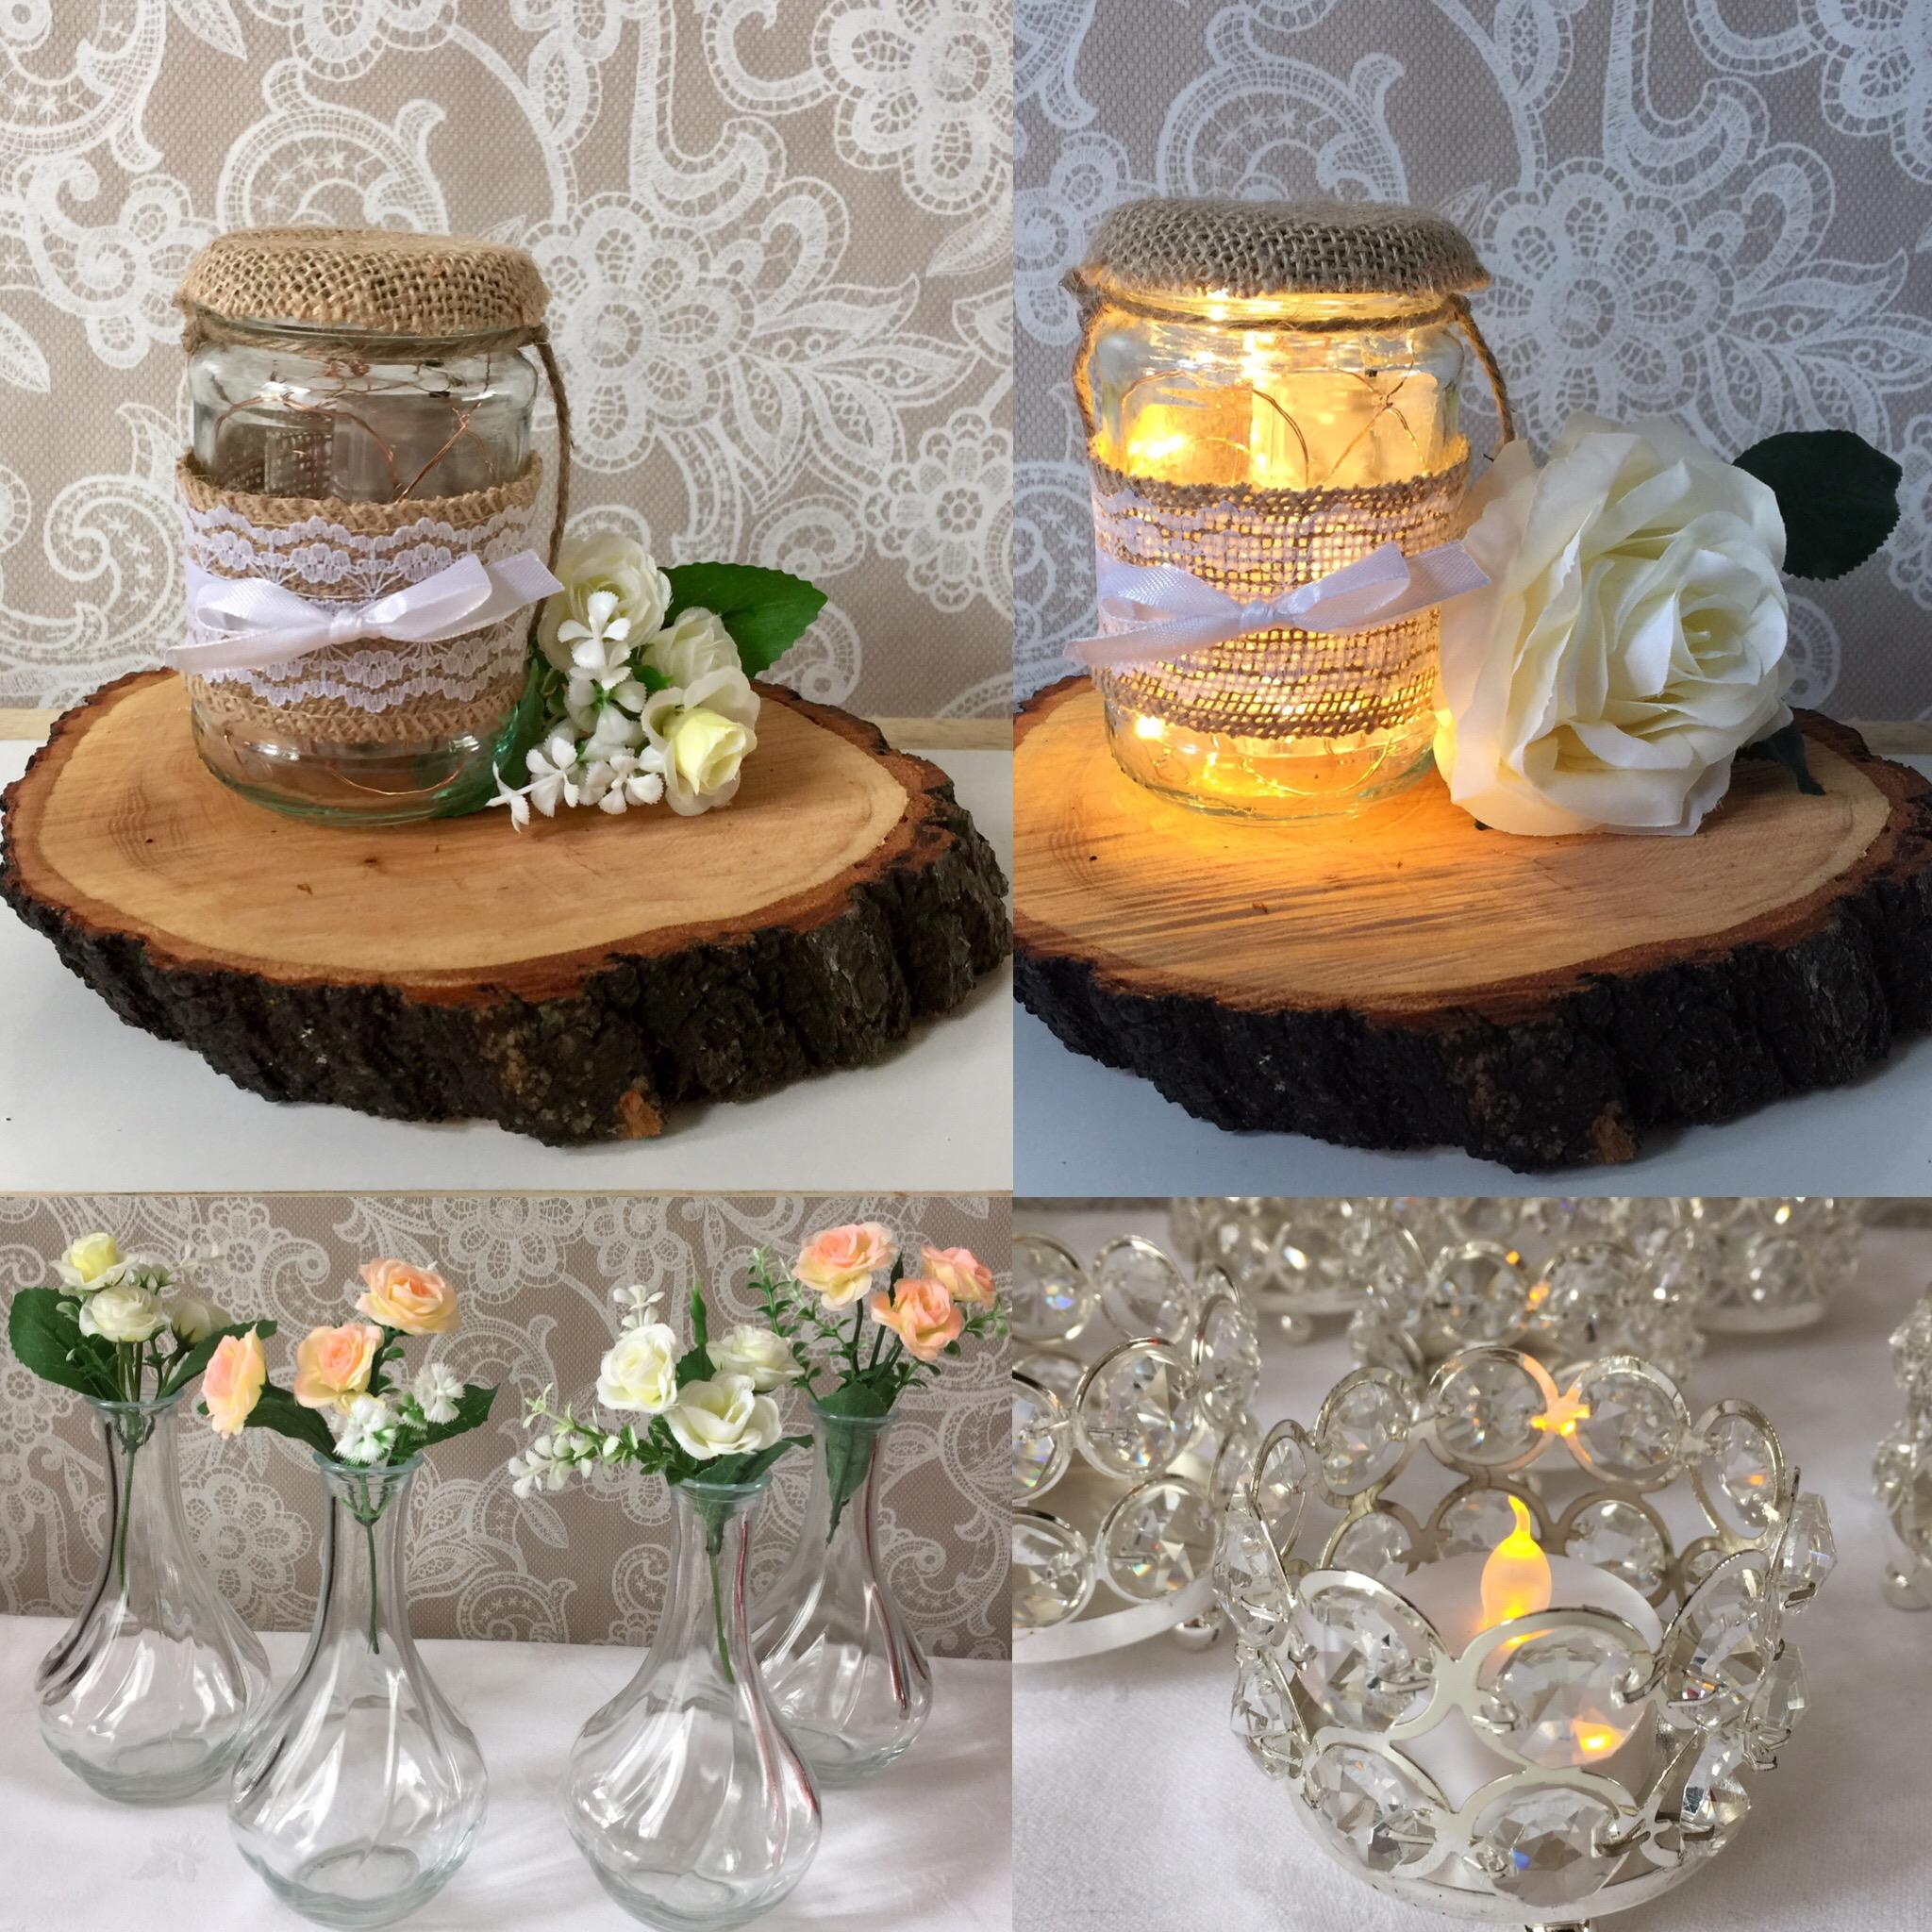 Table Vases/ T-light Holders